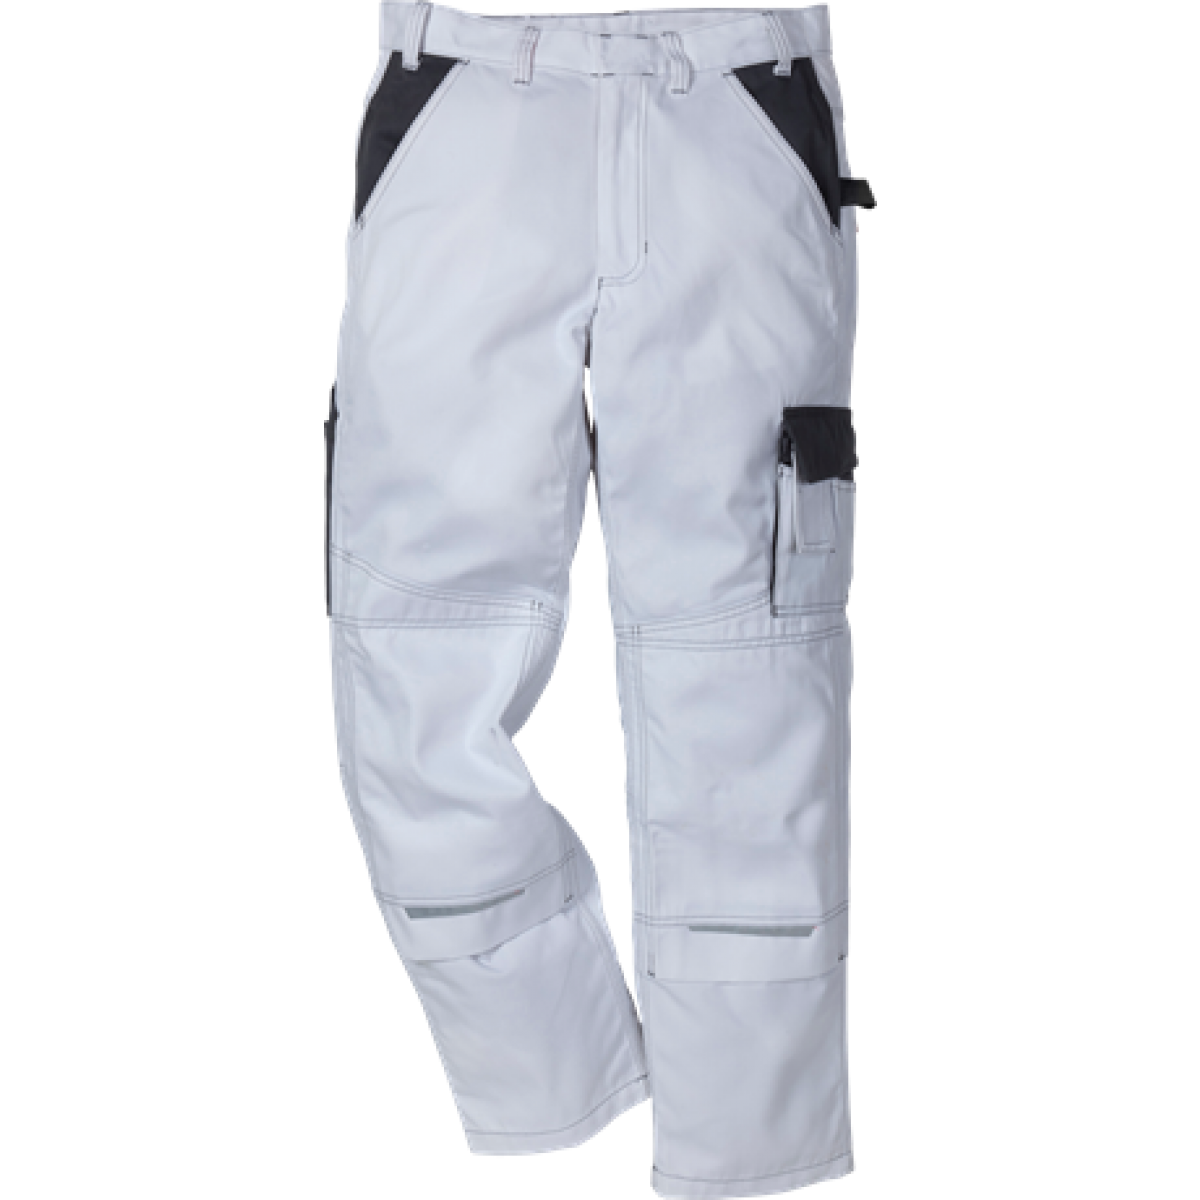 Kansas Icon arbejdsbukser Hvid/grå-33